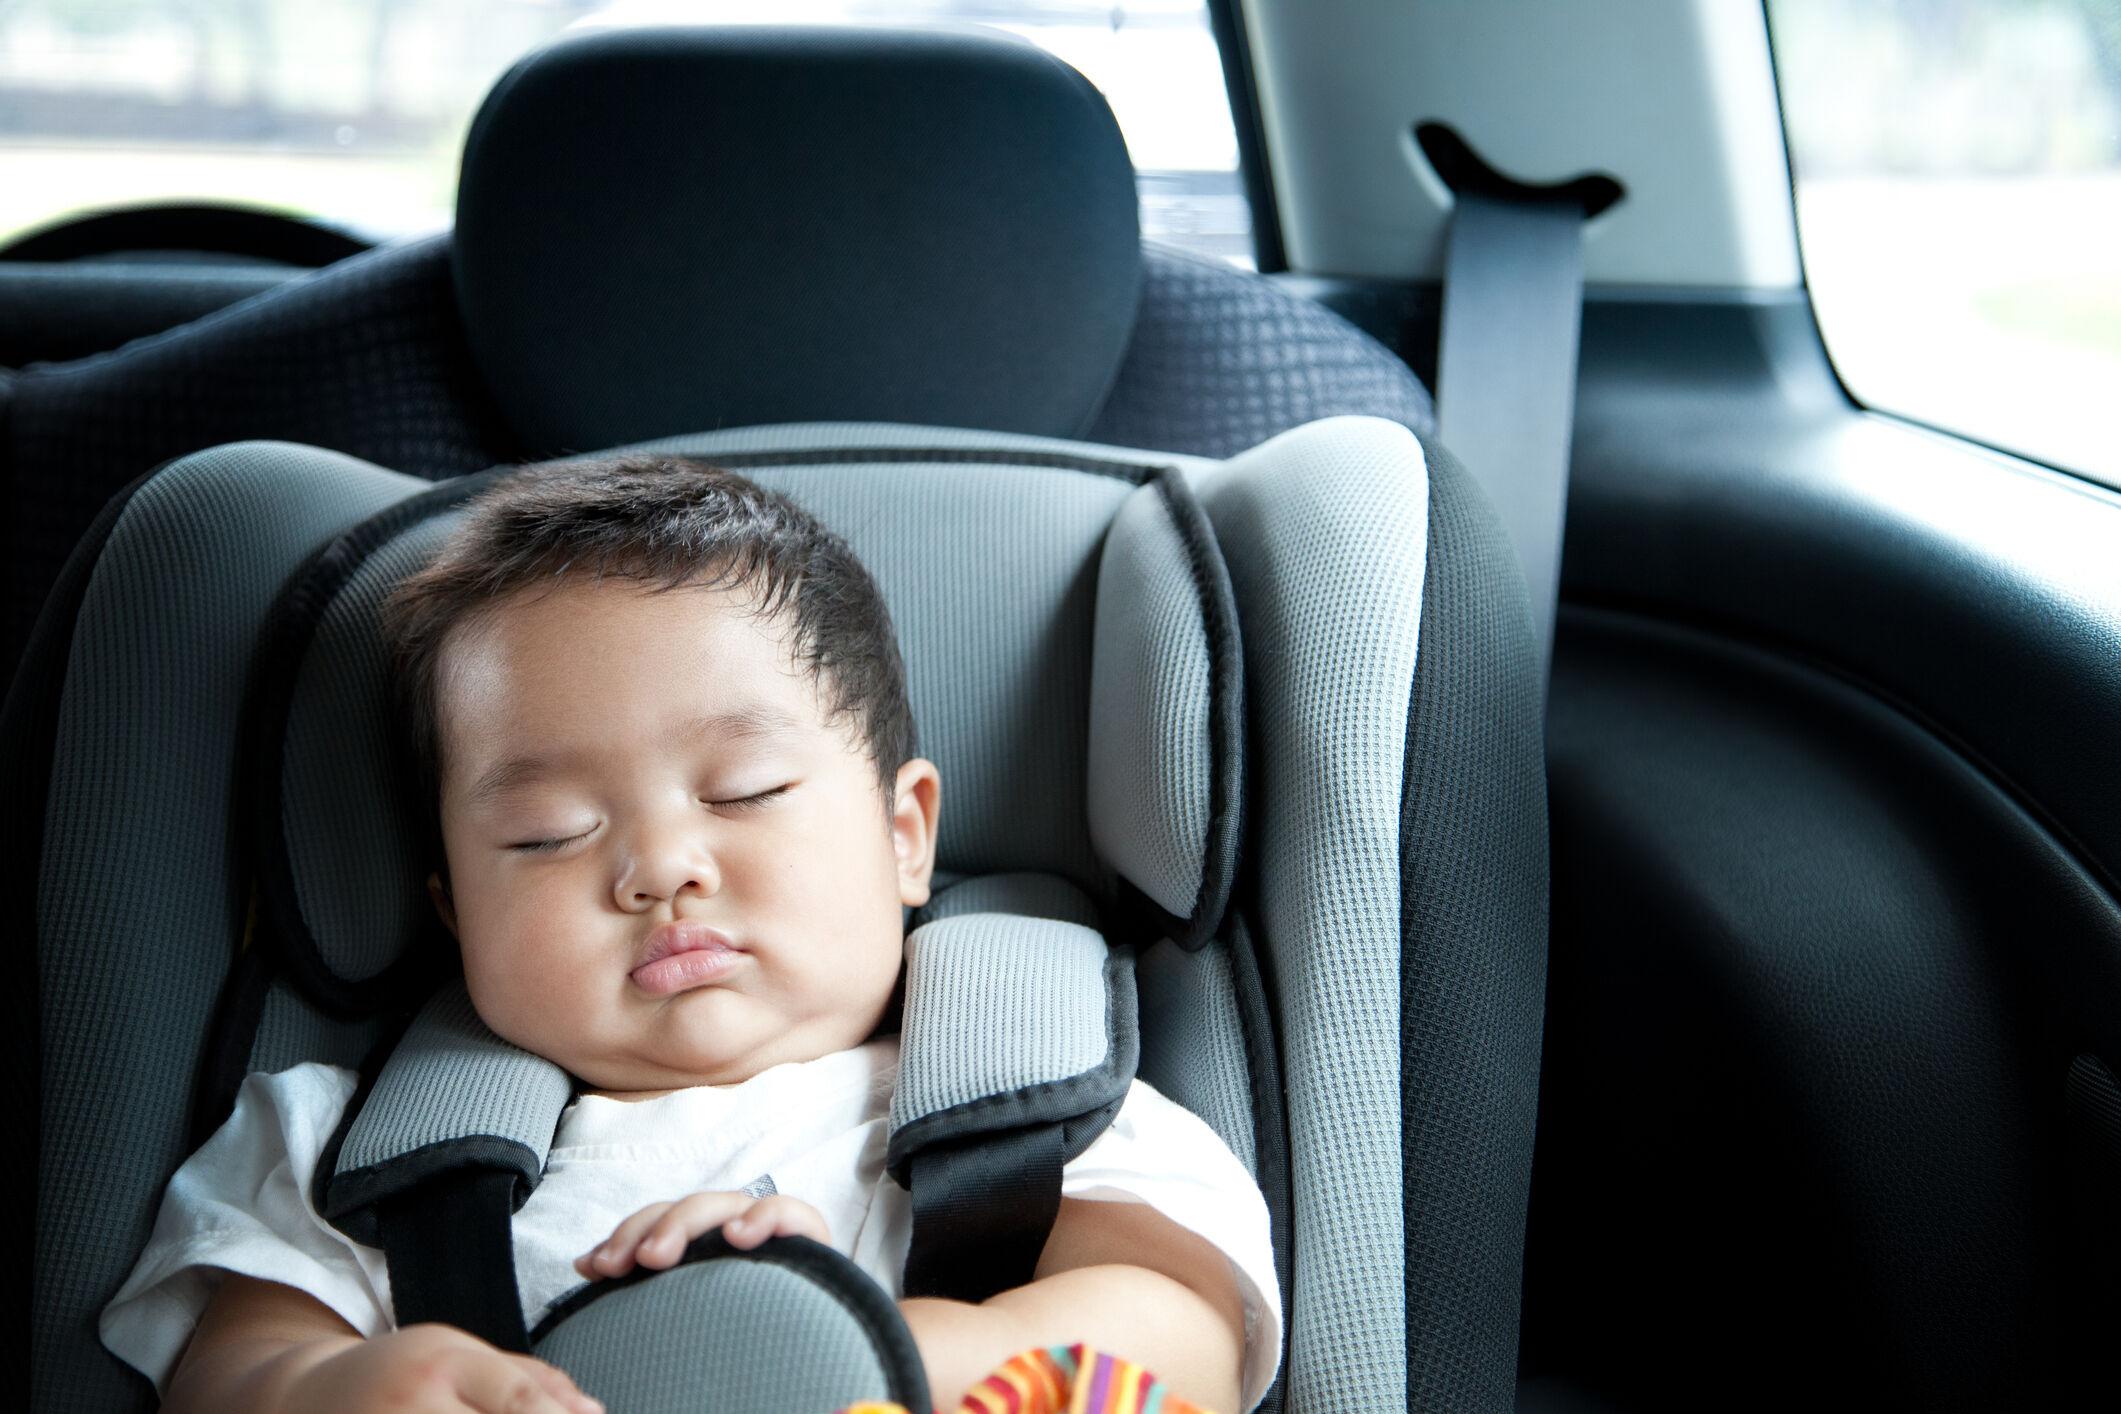 bebê em cadeirinha no carro no trânsito